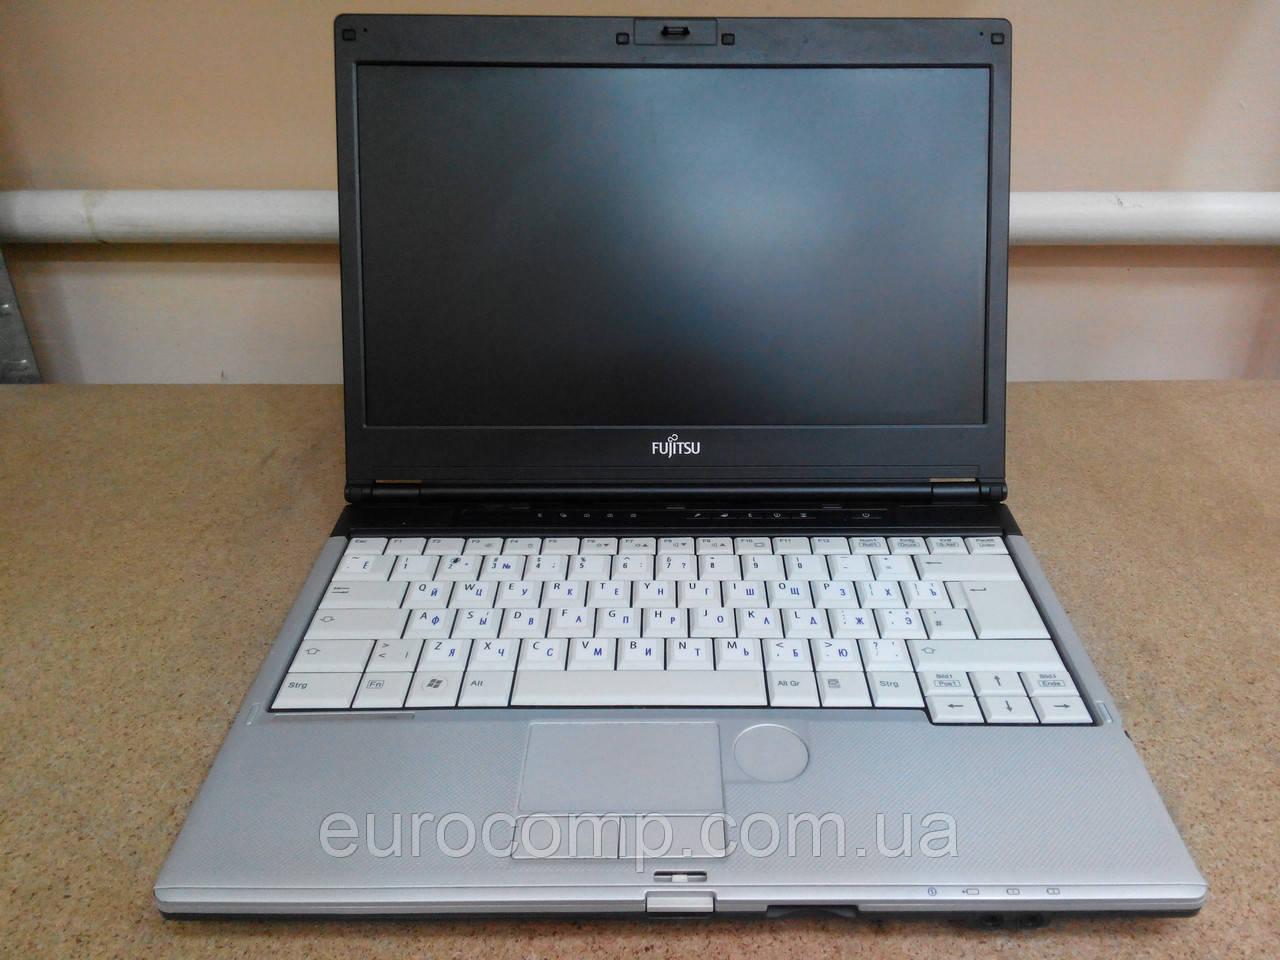 Мощный и лёгкий ноутбук бизнес Fujitsu Lifebook S762 13'' (Лицензия Windows 7 Pro)